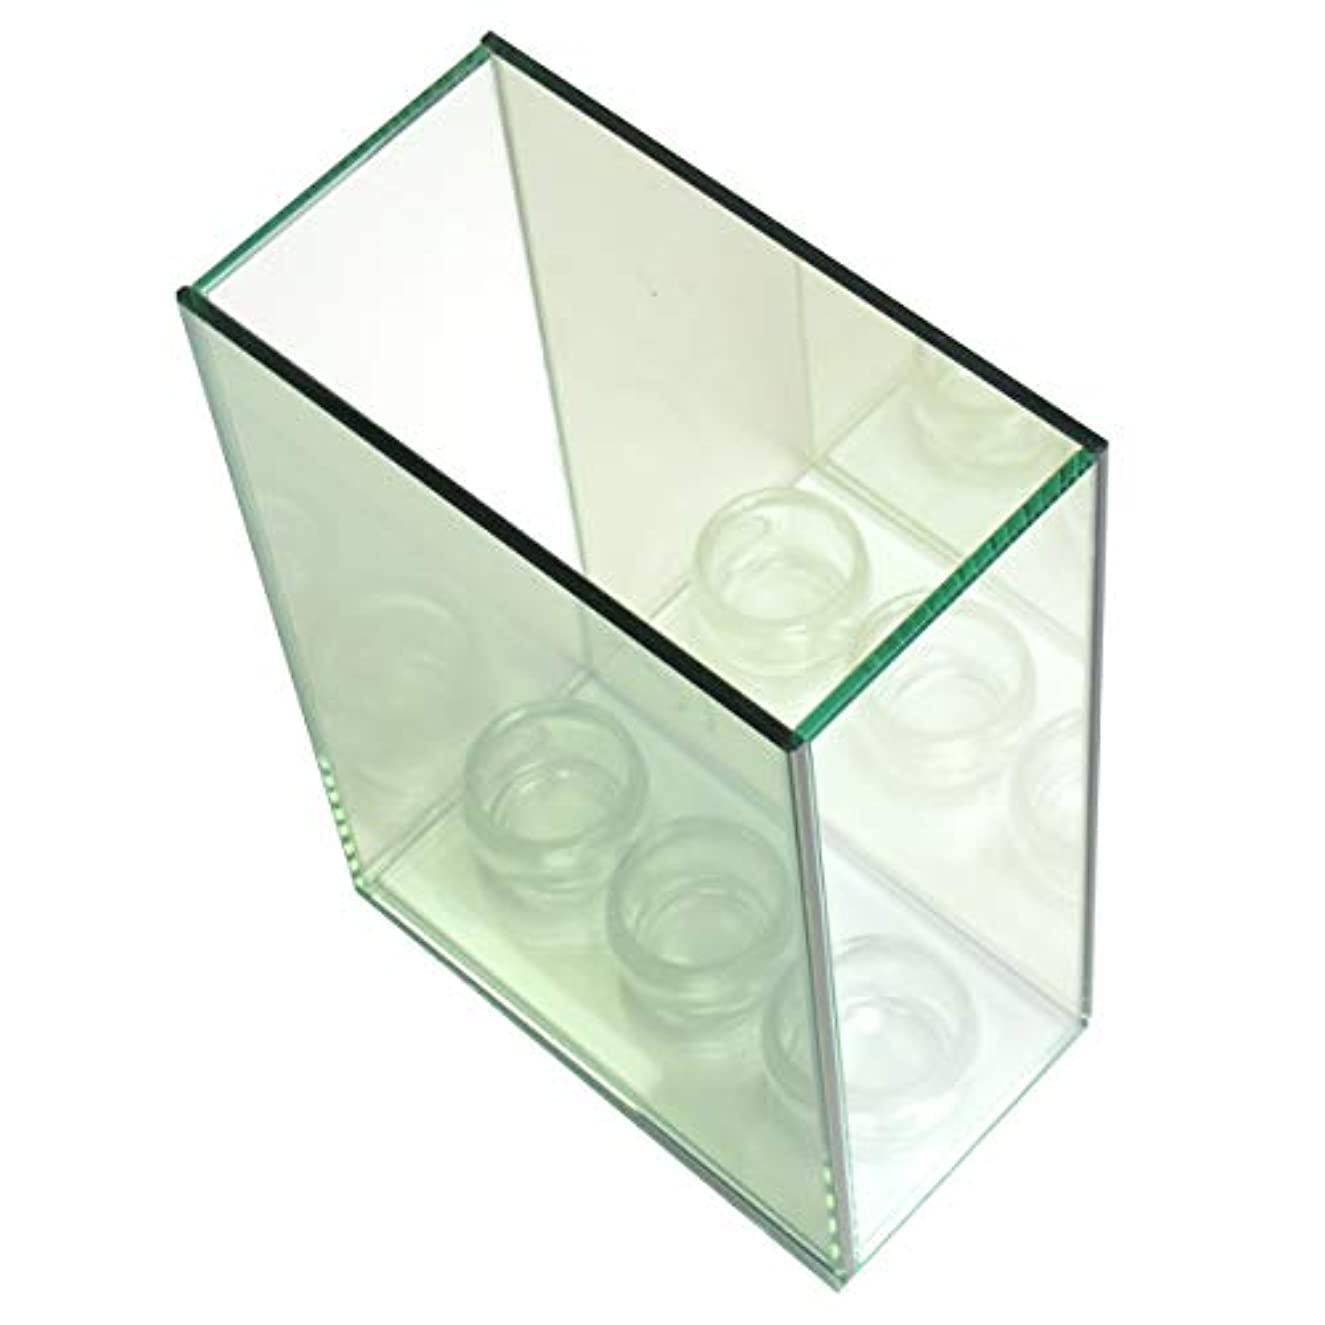 帝国主義メリーおもちゃ無限連鎖キャンドルホルダー 3連 ガラス キャンドルスタンド ランタン 誕生日 ティーライトキャンドル